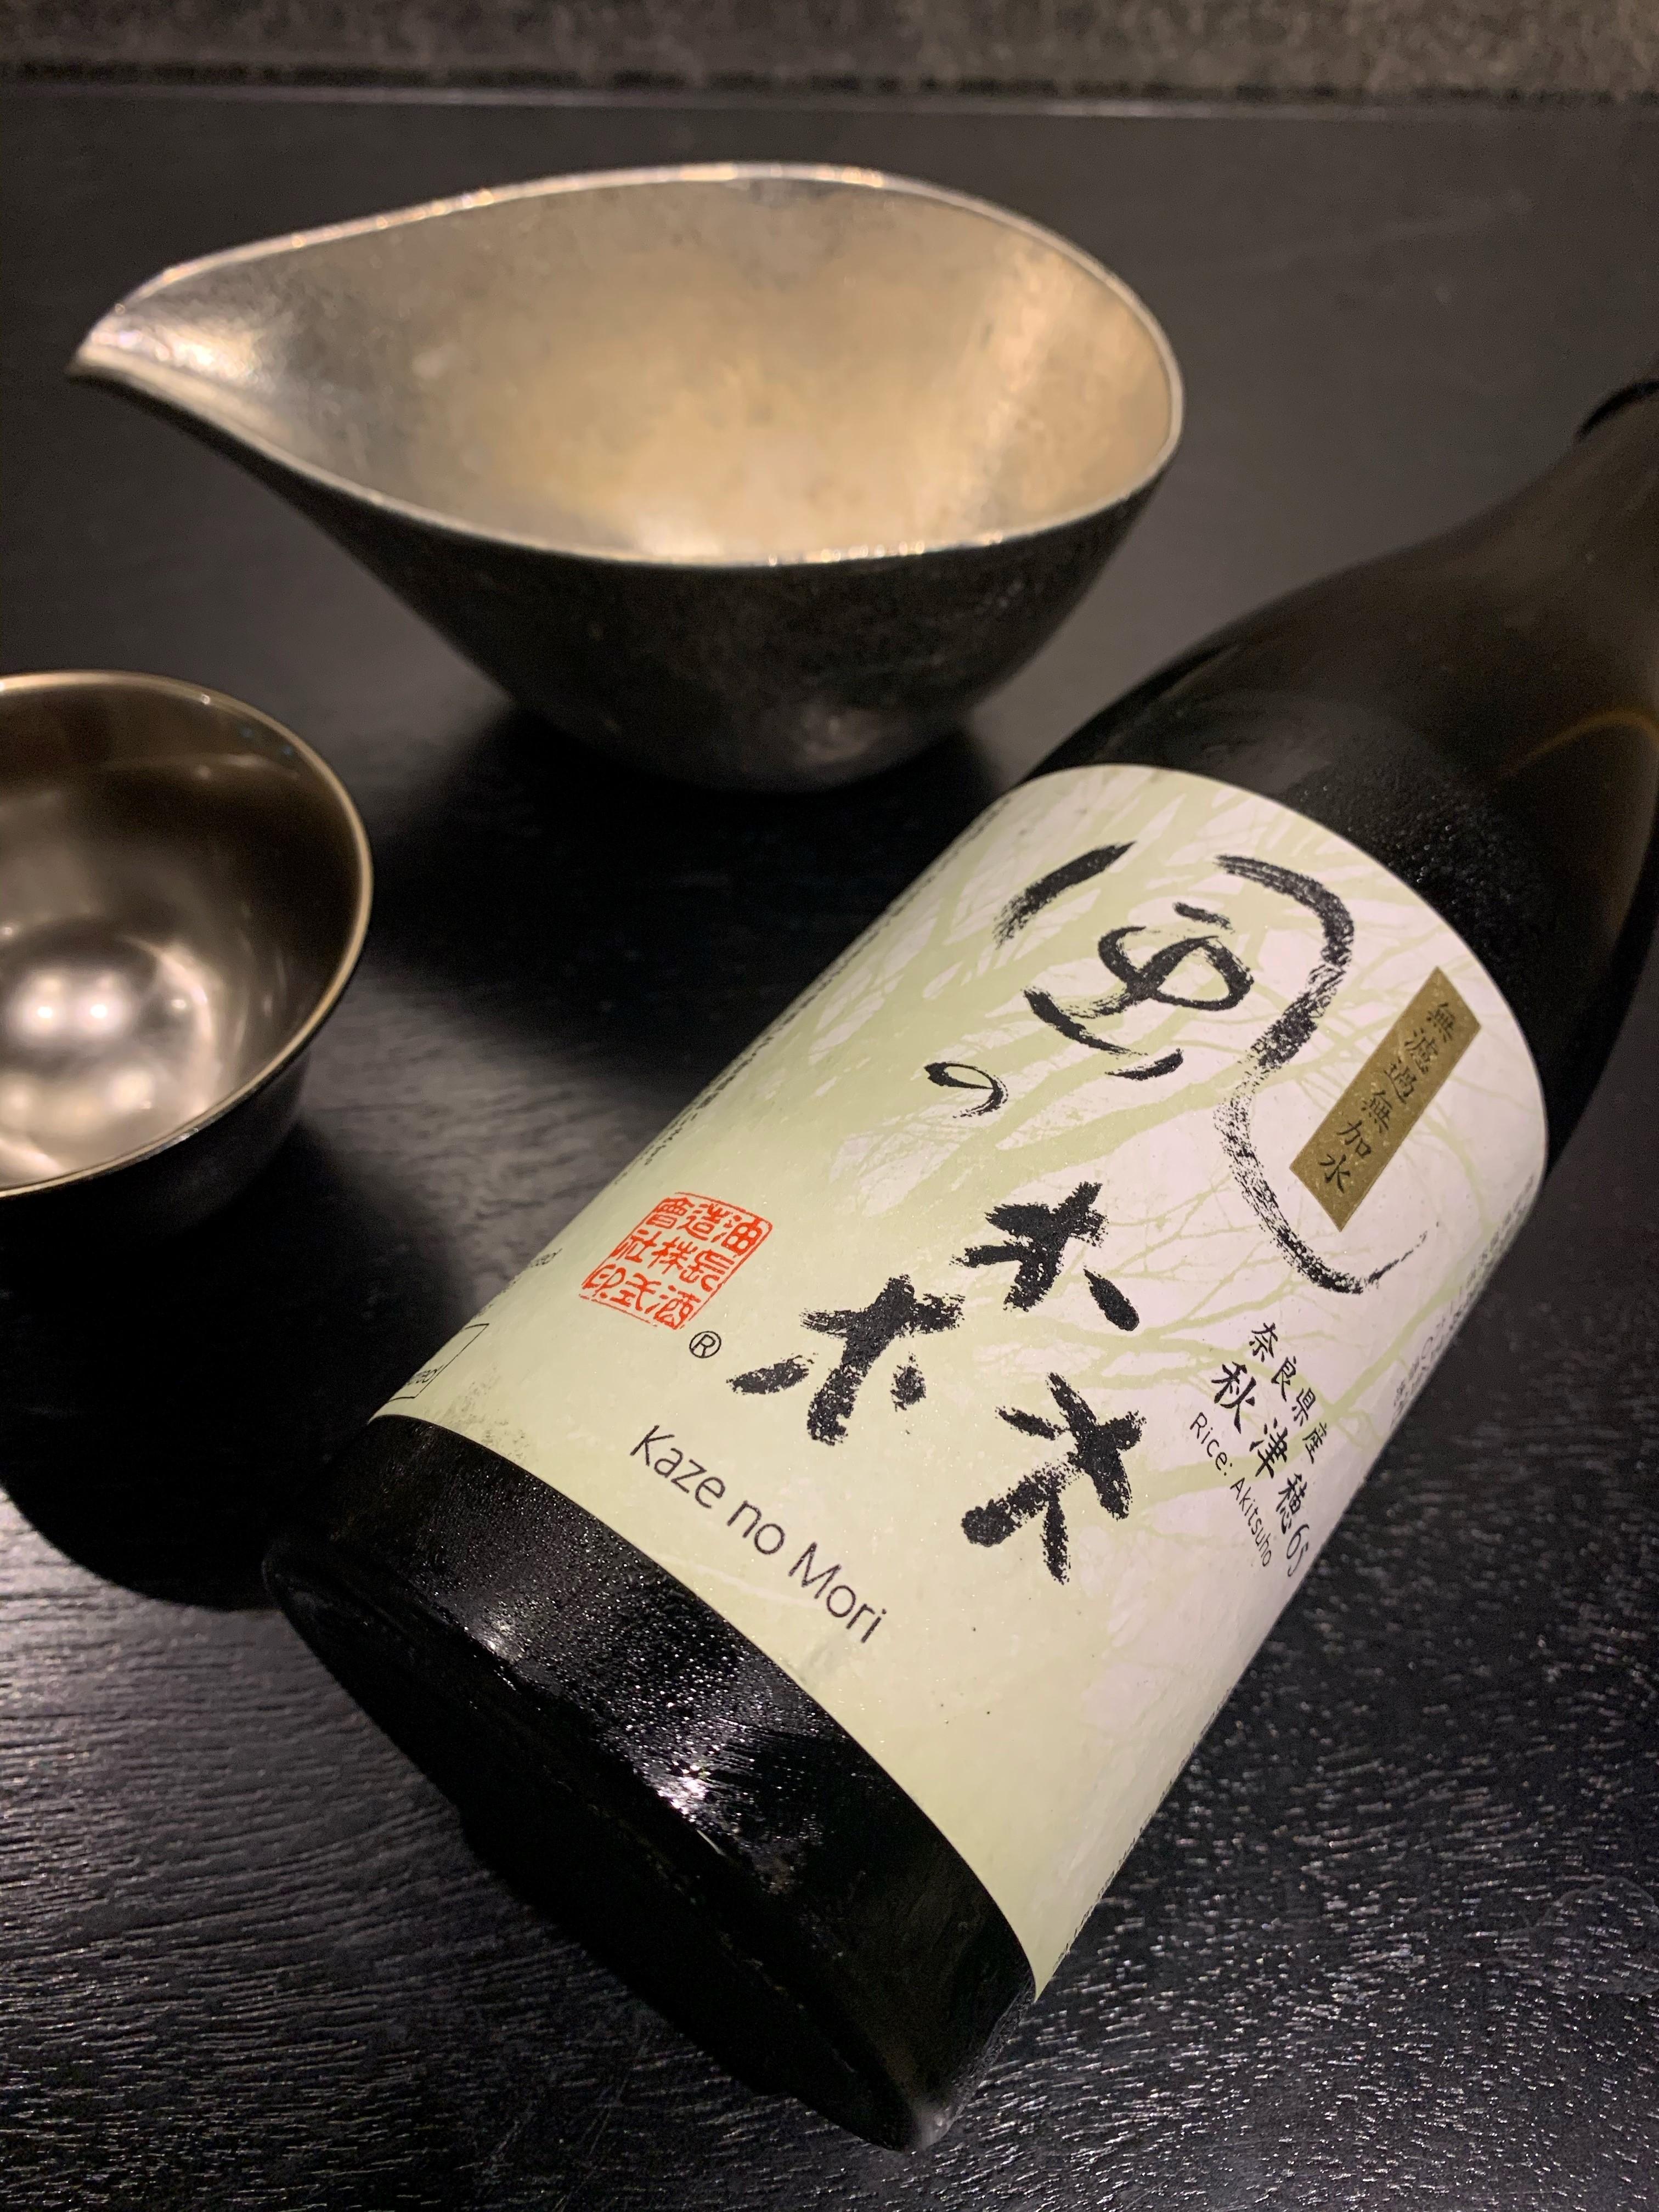 風の森,日本酒,純米しぼり華,秋津穂